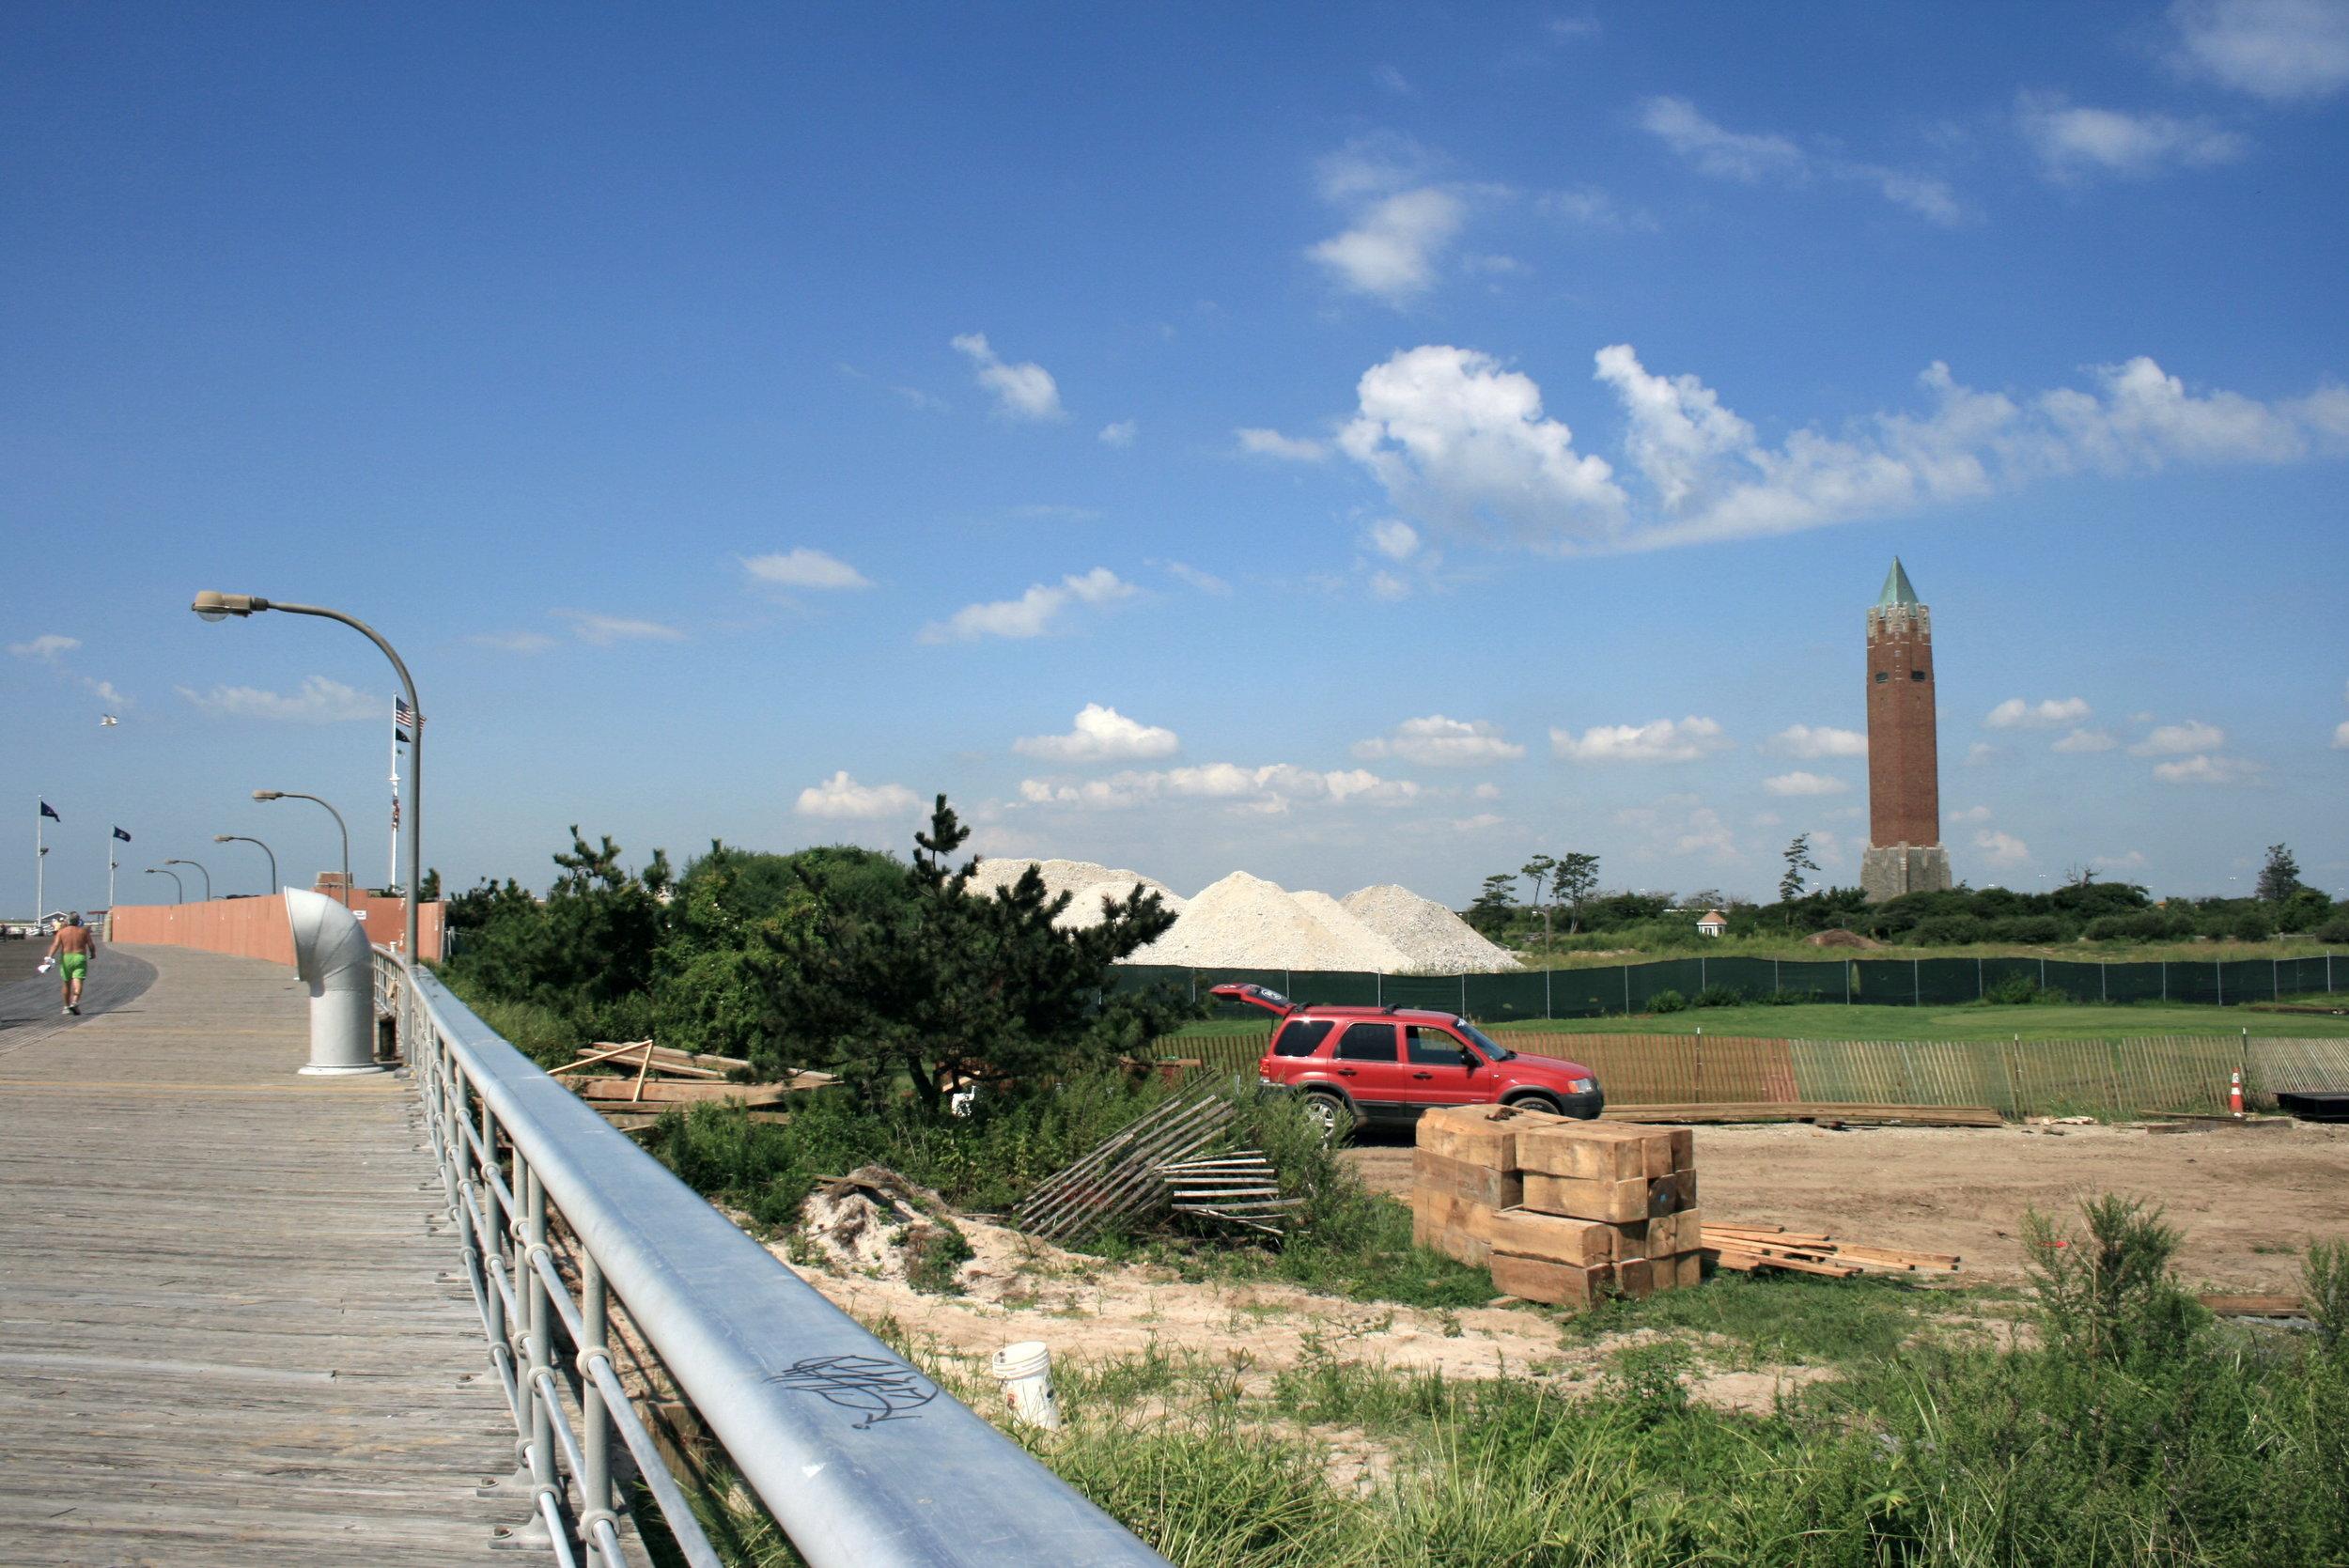 2 Boardwalk view of development.jpg